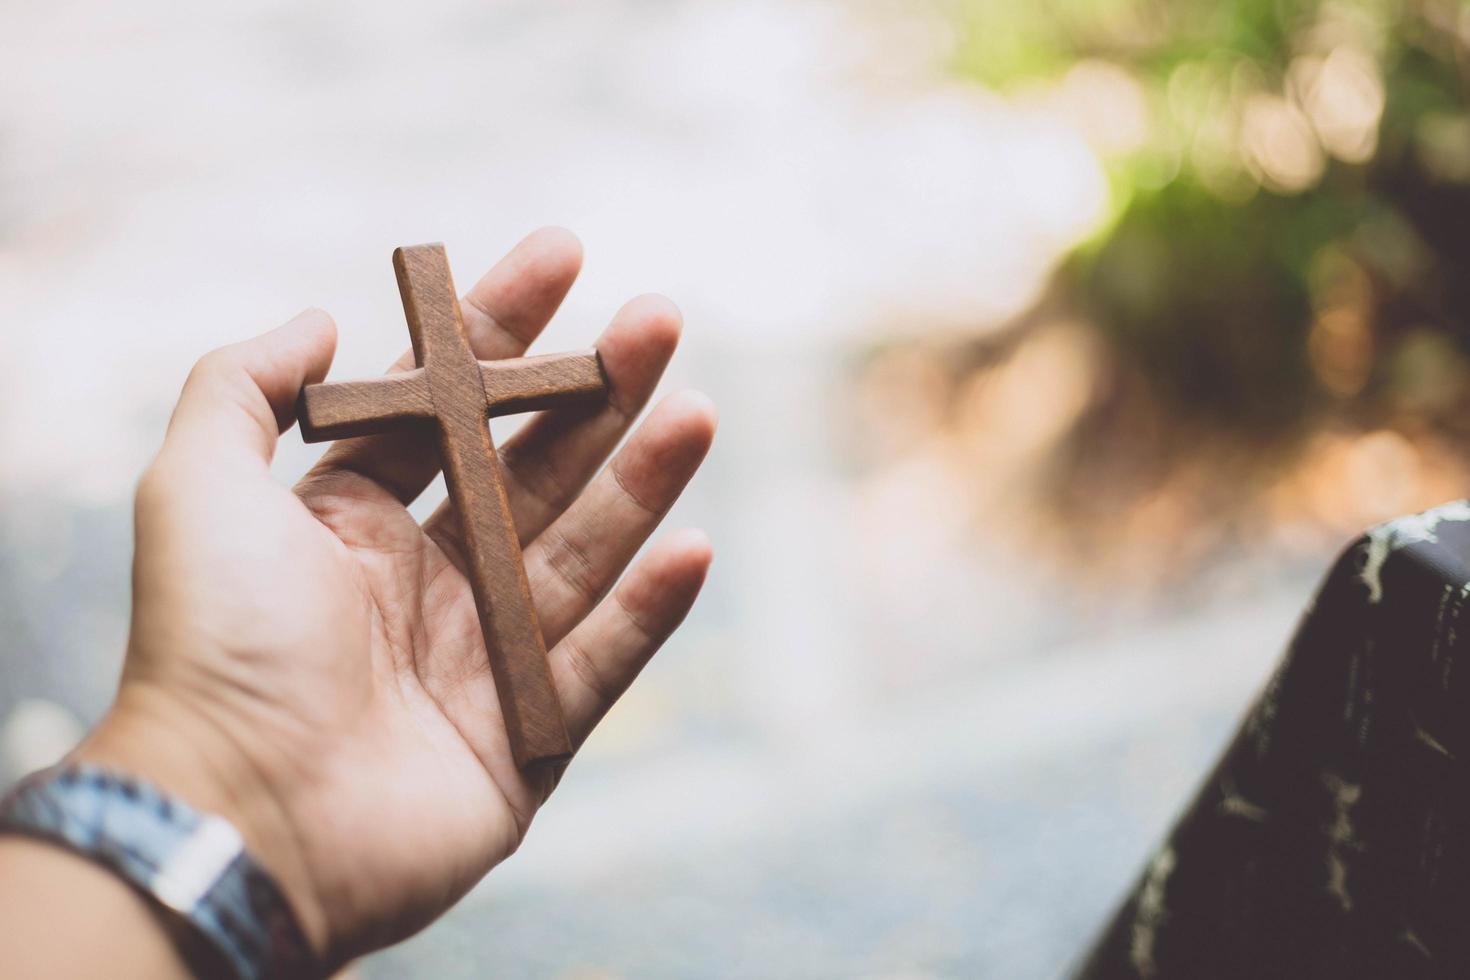 mano que sostiene la cruz de madera con fondo borroso foto